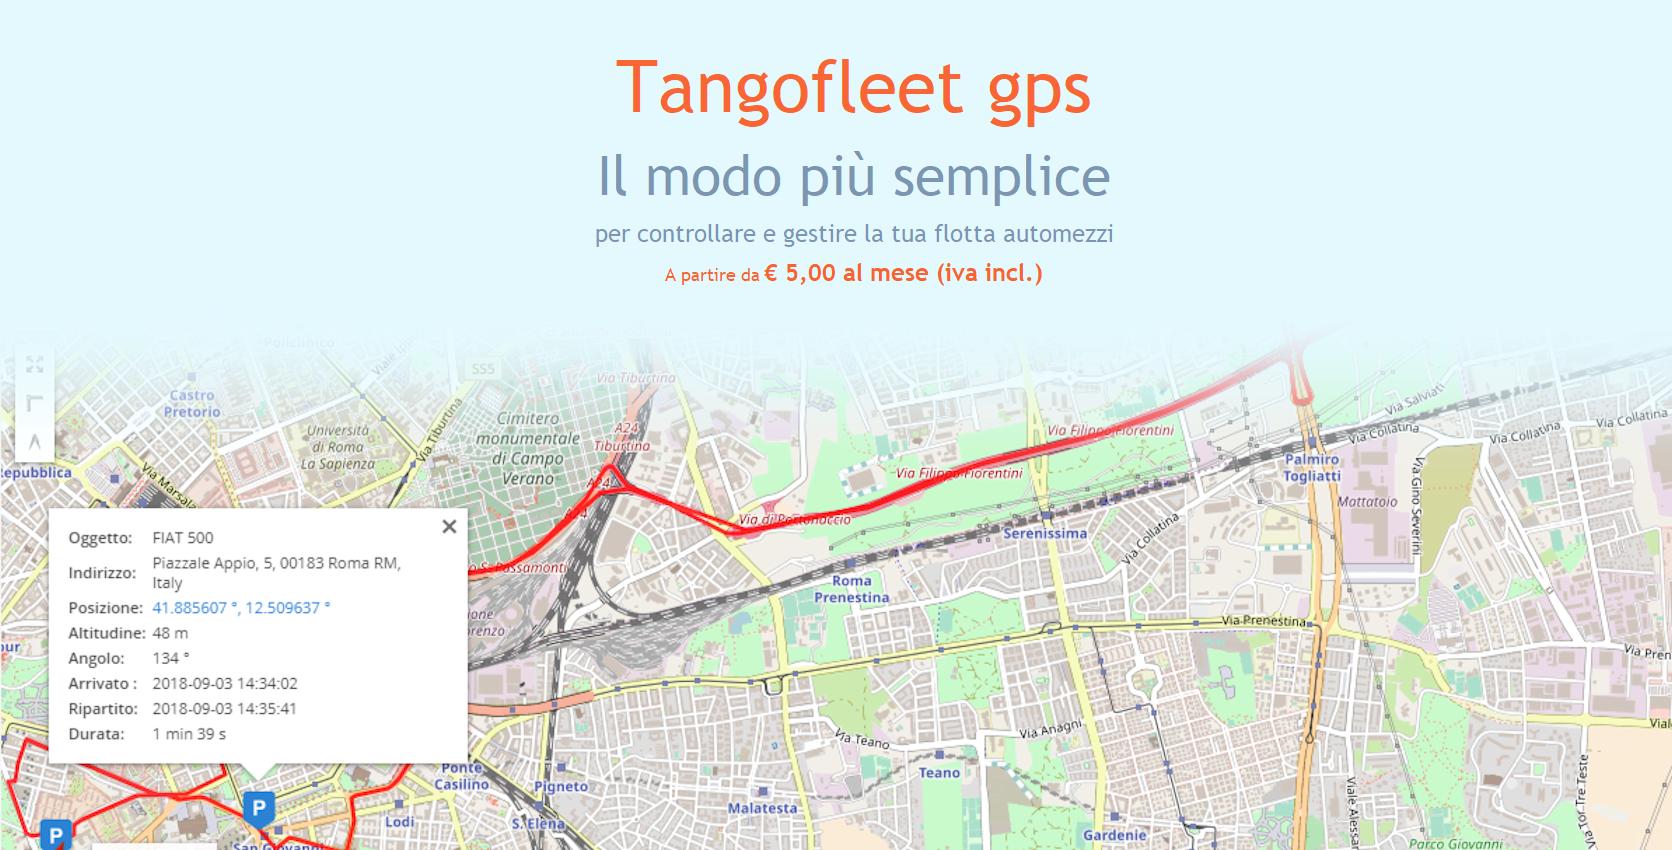 TangoFleet Gps: il modo più semplice per controllare e gestire la tua flotta automezzi.